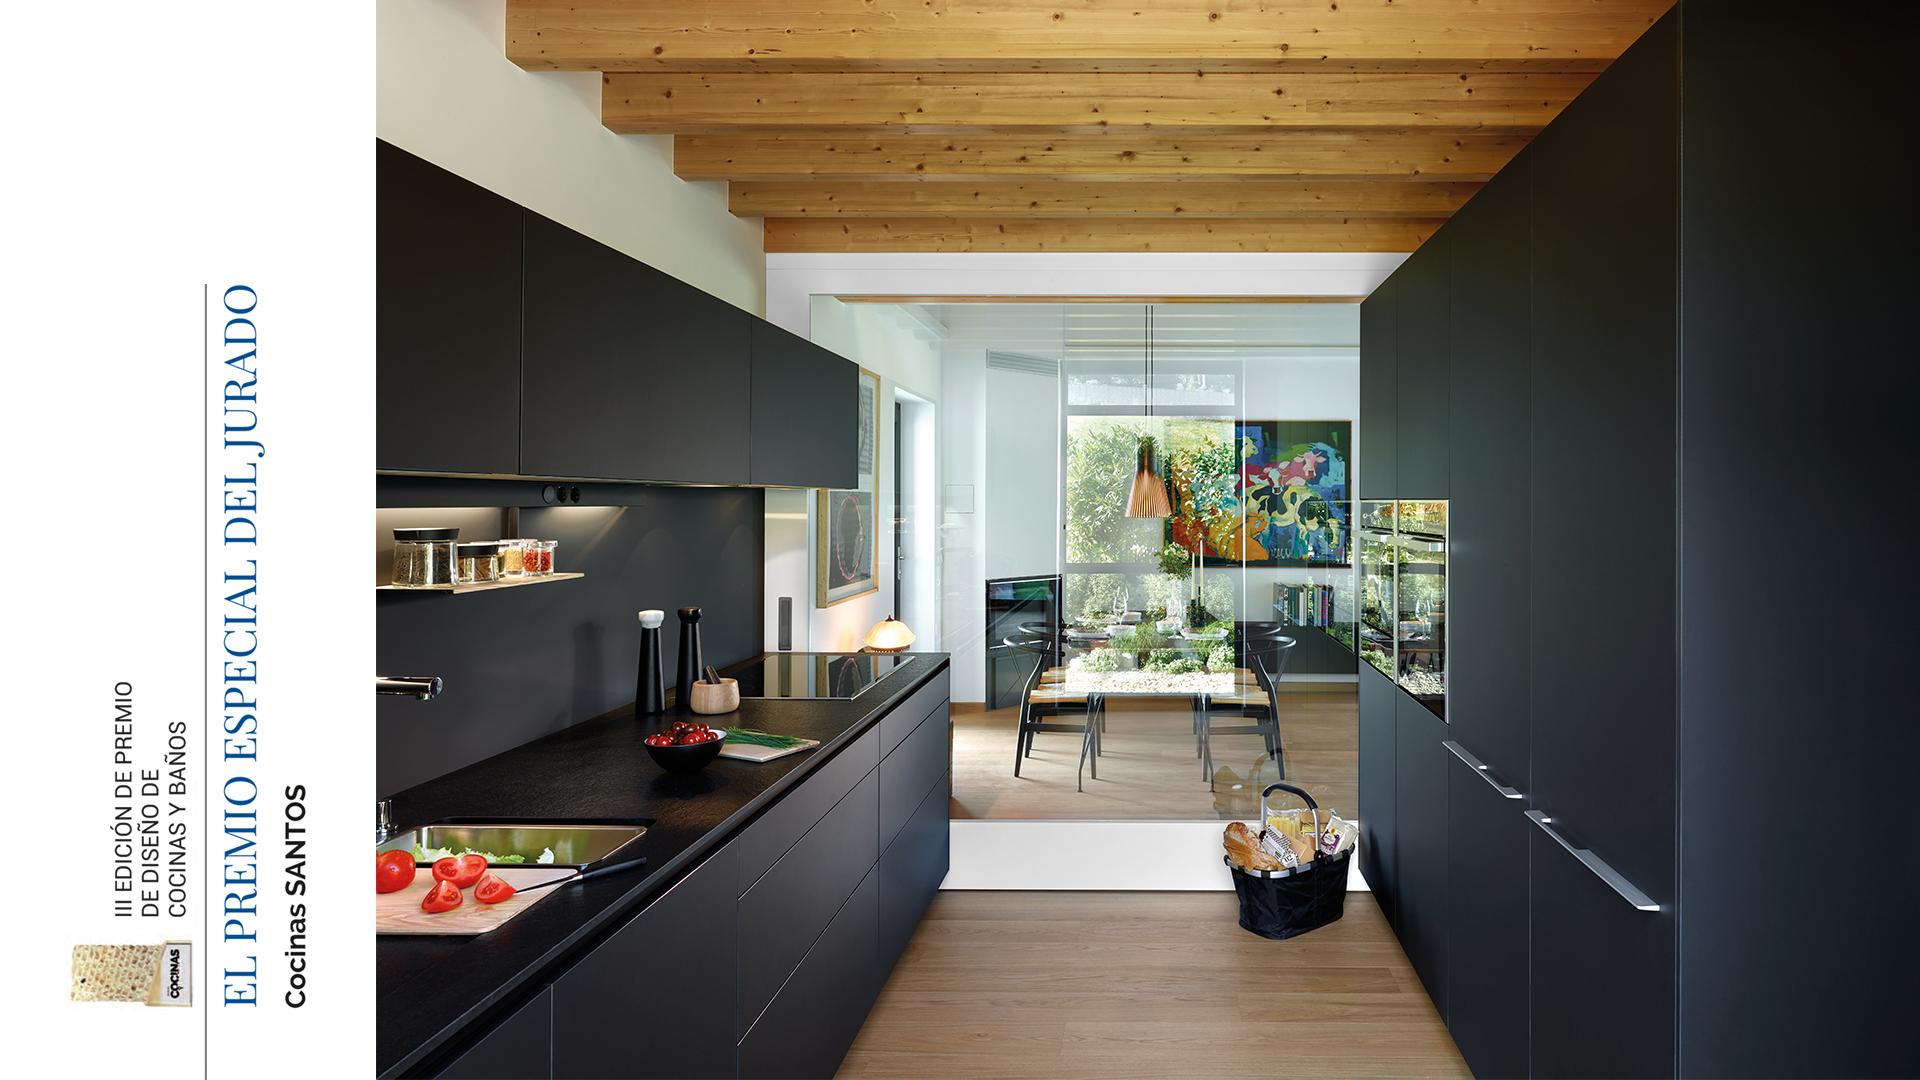 A marca de cozinhas Santos recebe um prémio pela sua trajetória e inovação